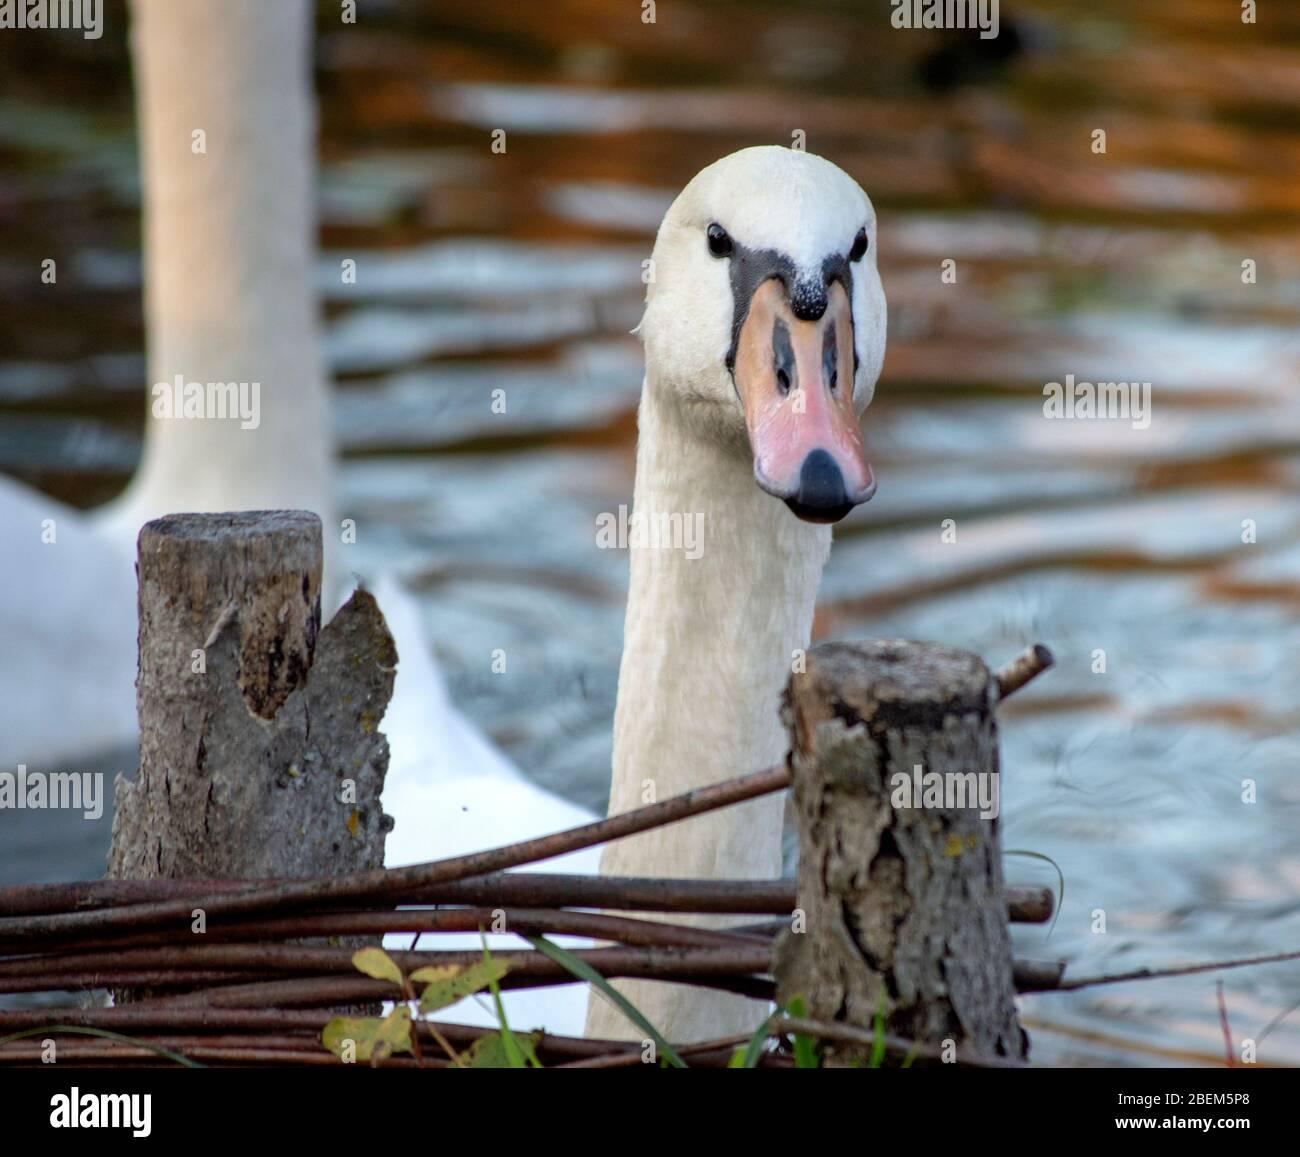 Primer plano de un cisne cabeza mirando sobre algunas ramas, un hermoso cisne nadando en un lago o estanque posando para un retrato, cisnes blancos son increíbles Foto de stock